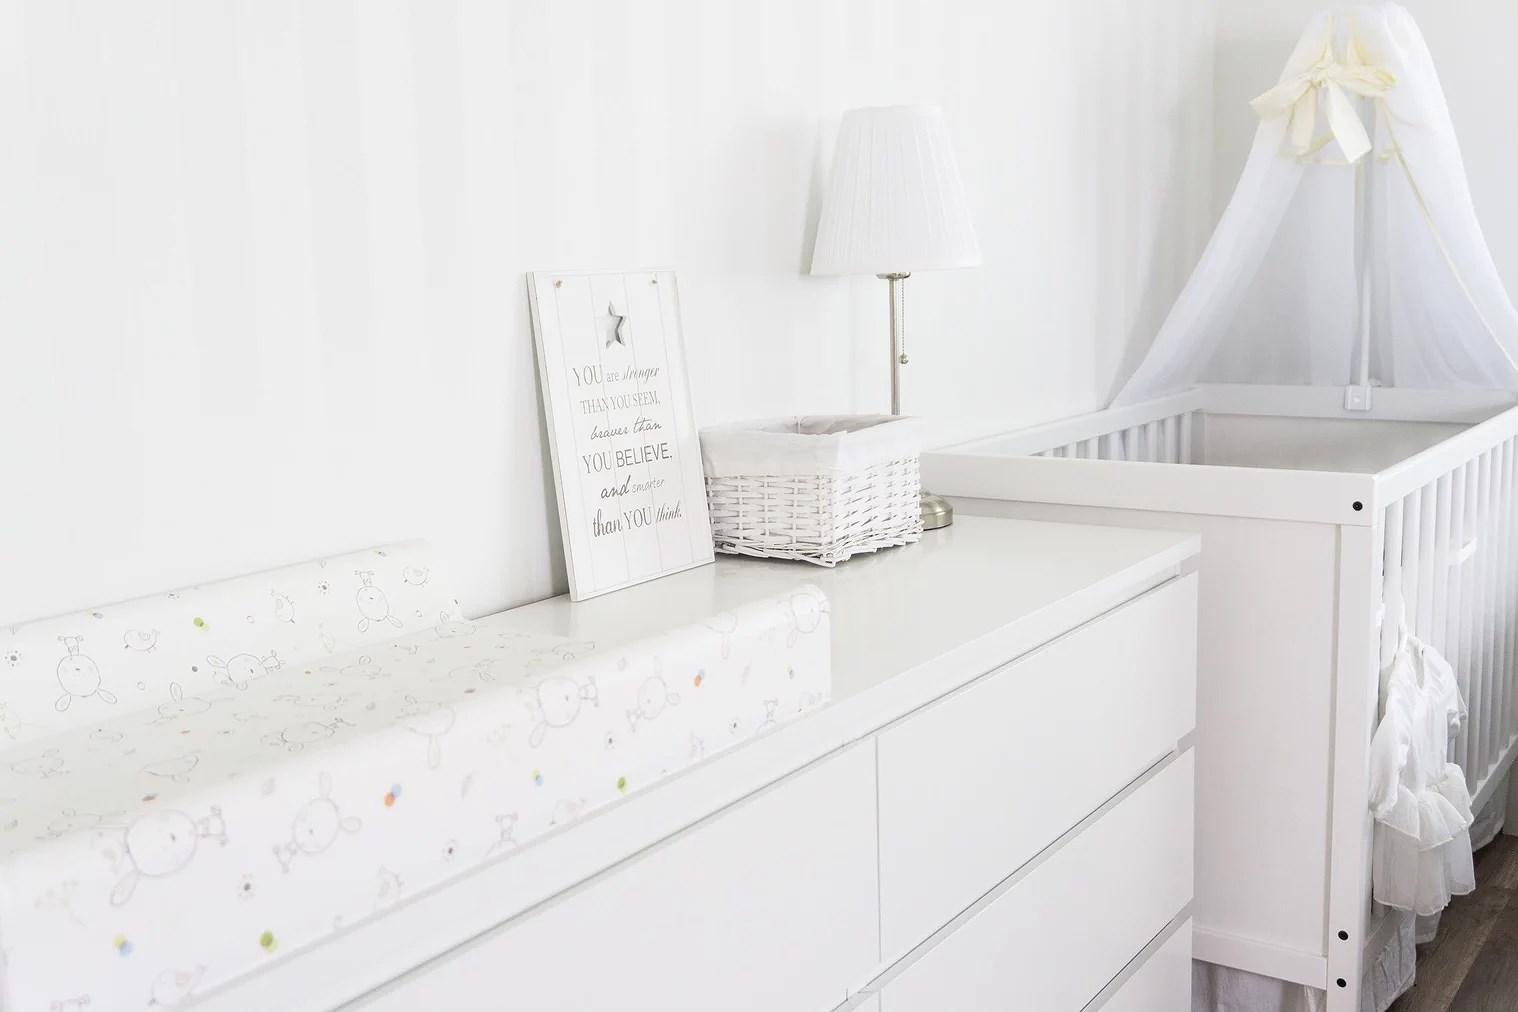 Vauvan hankinnat #2